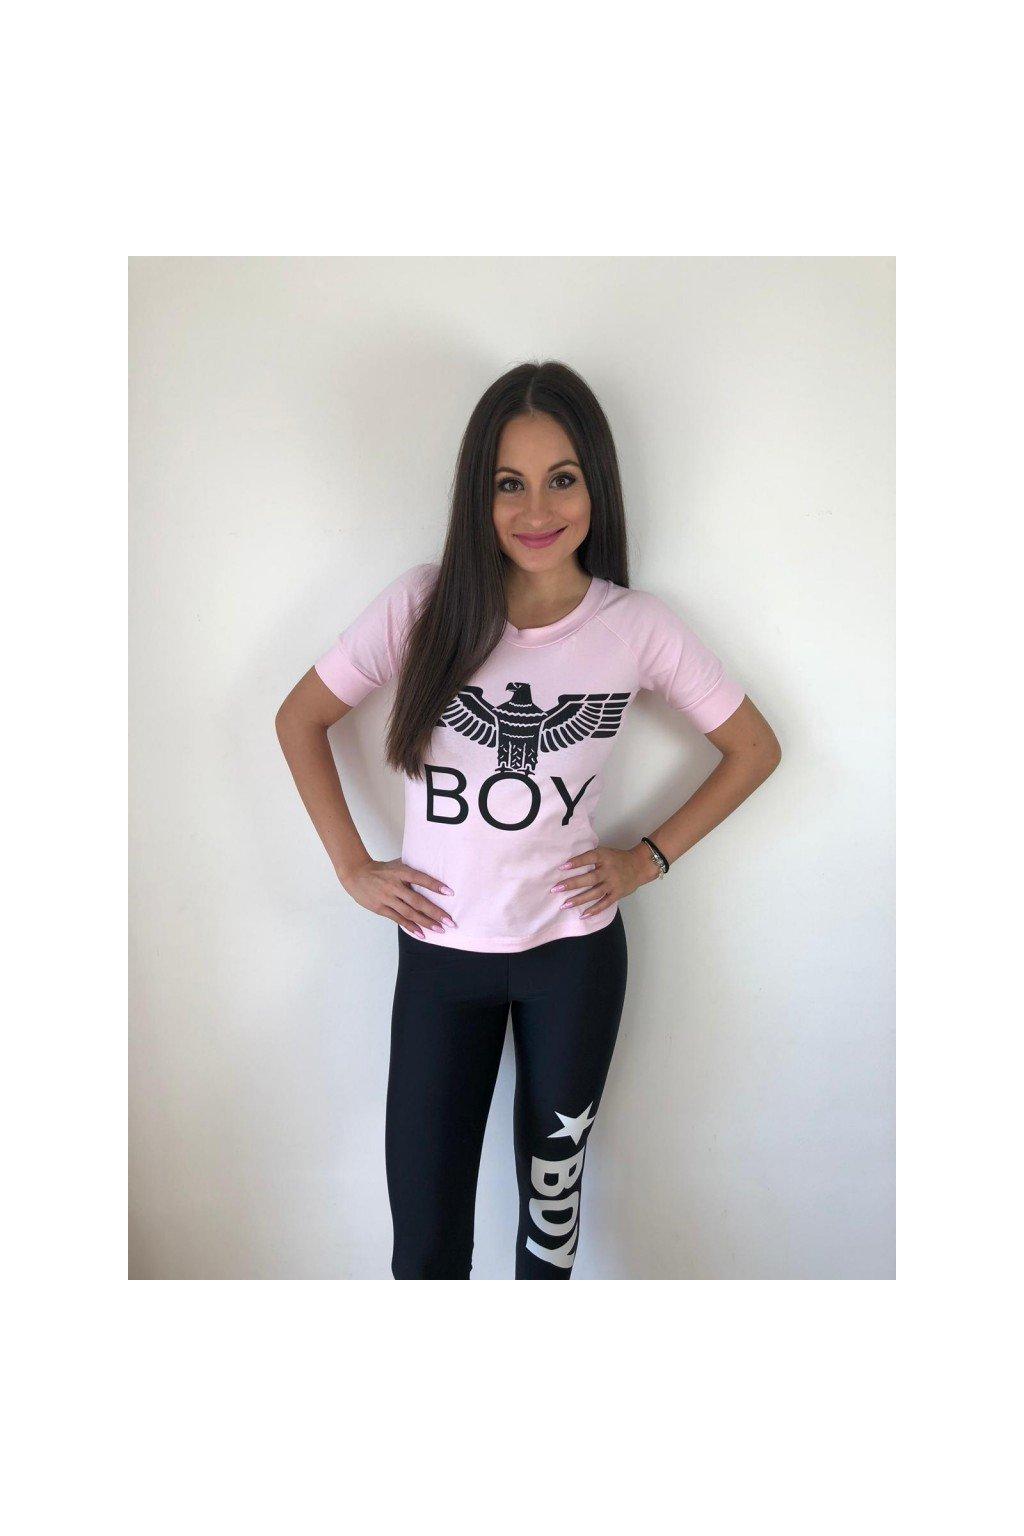 Tričko s krátkým rukávem Boy London - růžové (Velikost Velikost S)